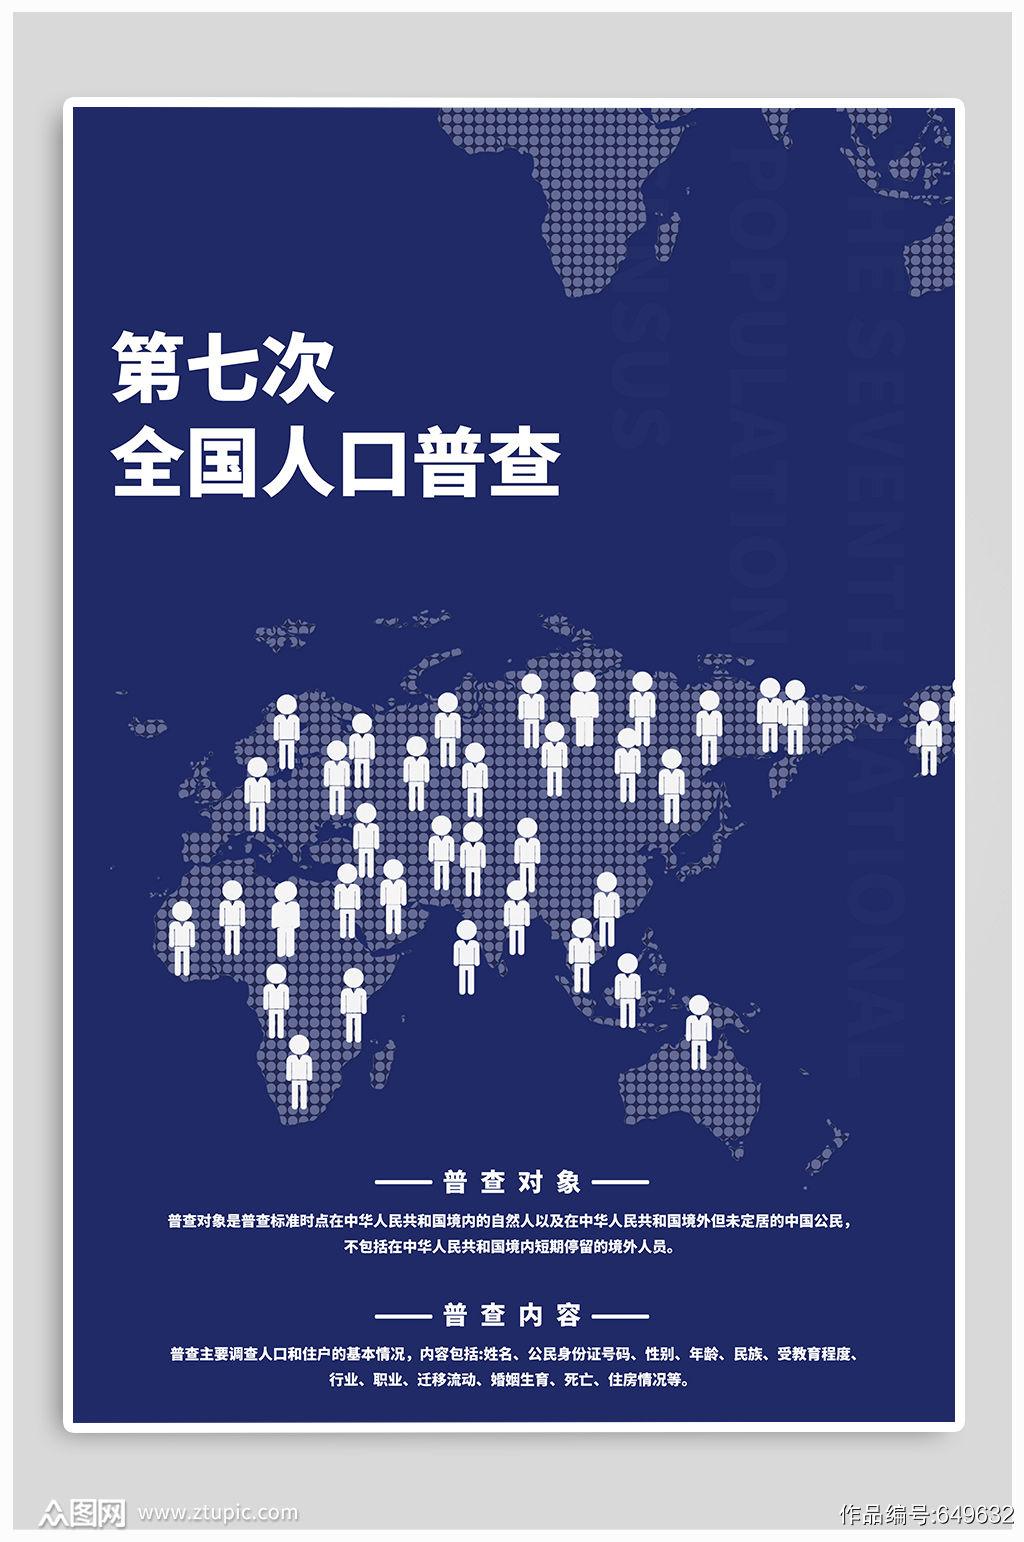 第七次人口普查宣传海报素材